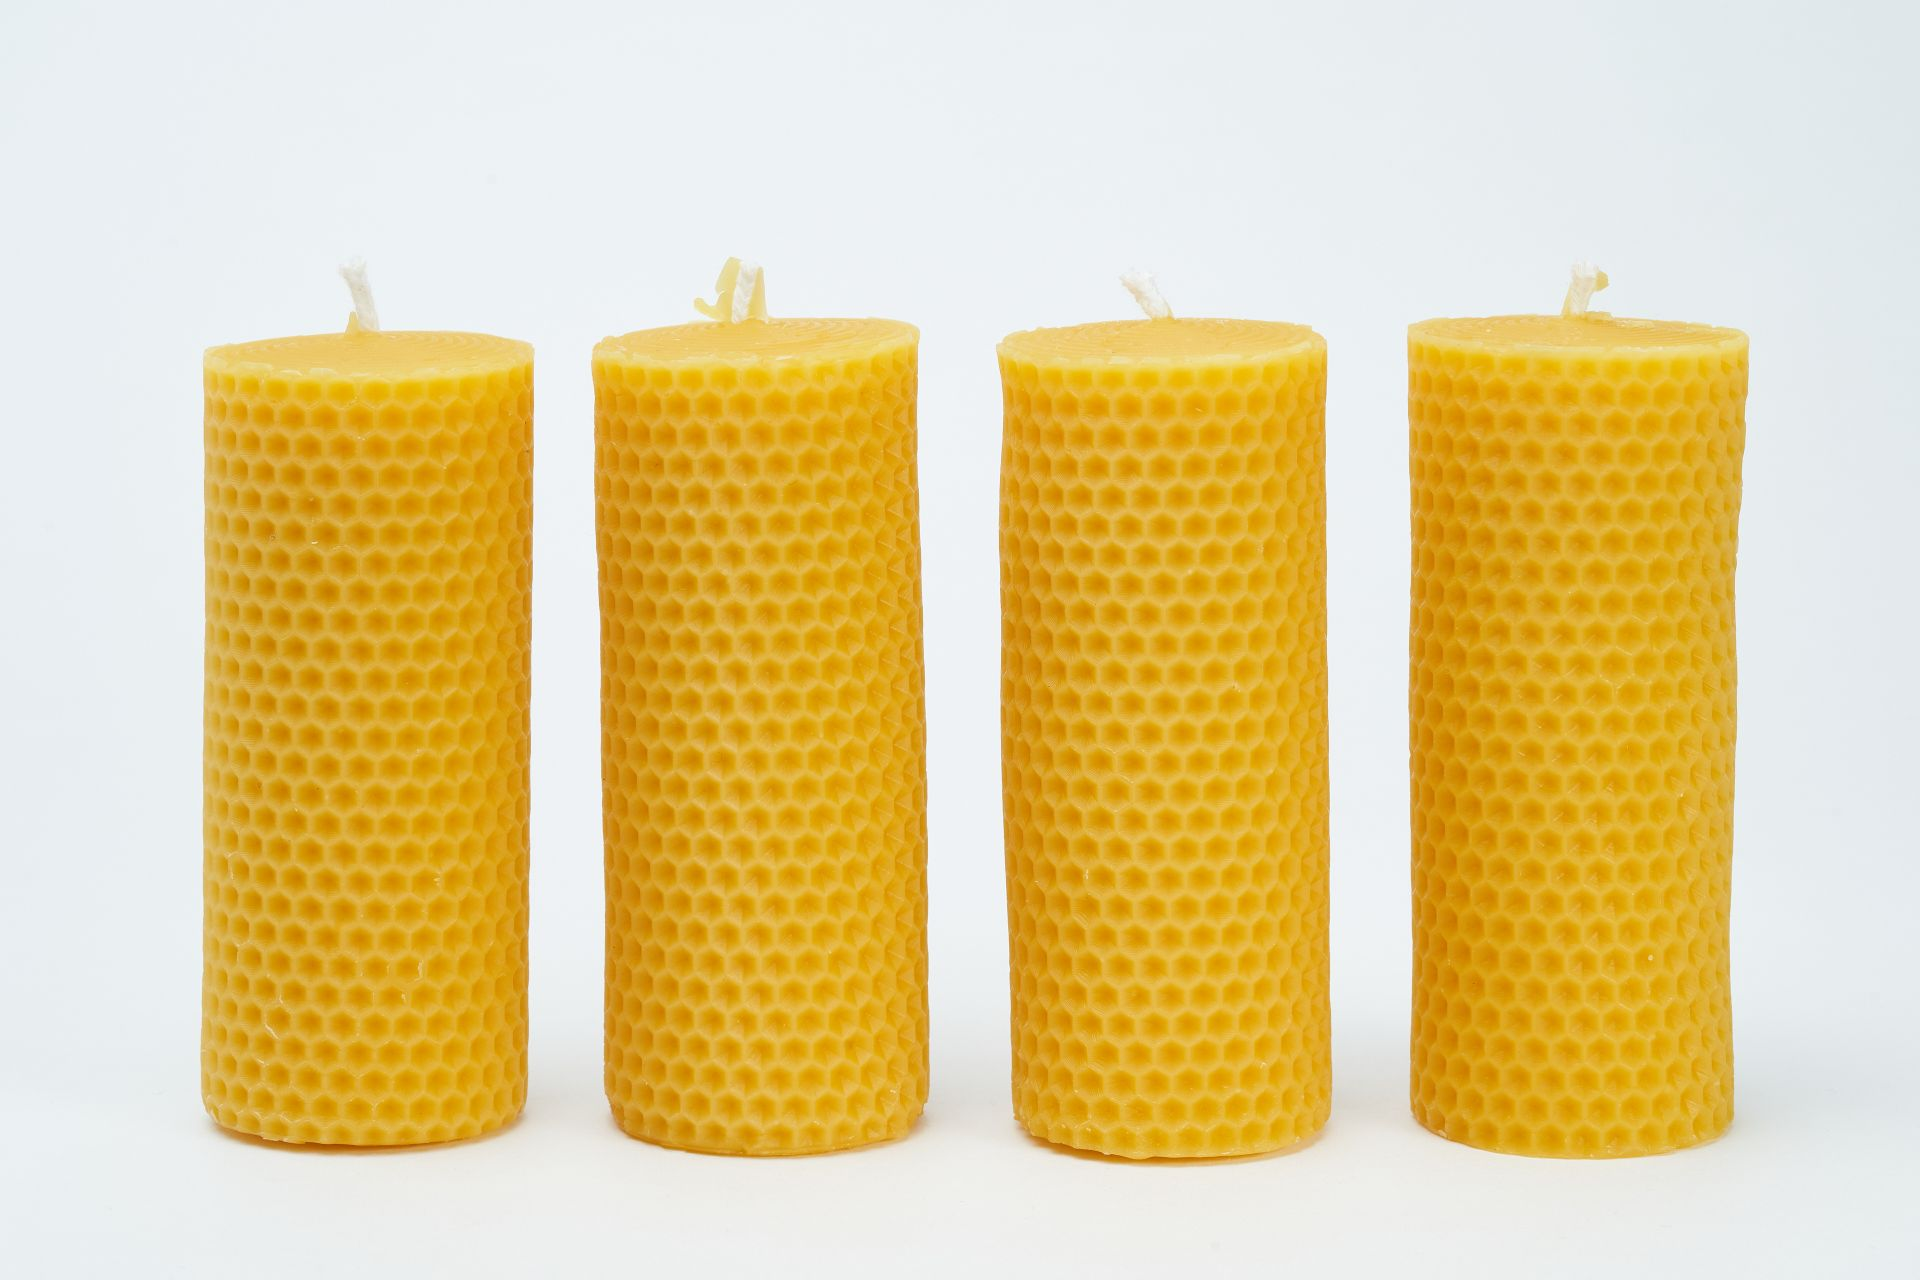 4 Wabenkerzen (ca. 11cm x 4,5cm) aus 100% Bienenwachs vom Imker